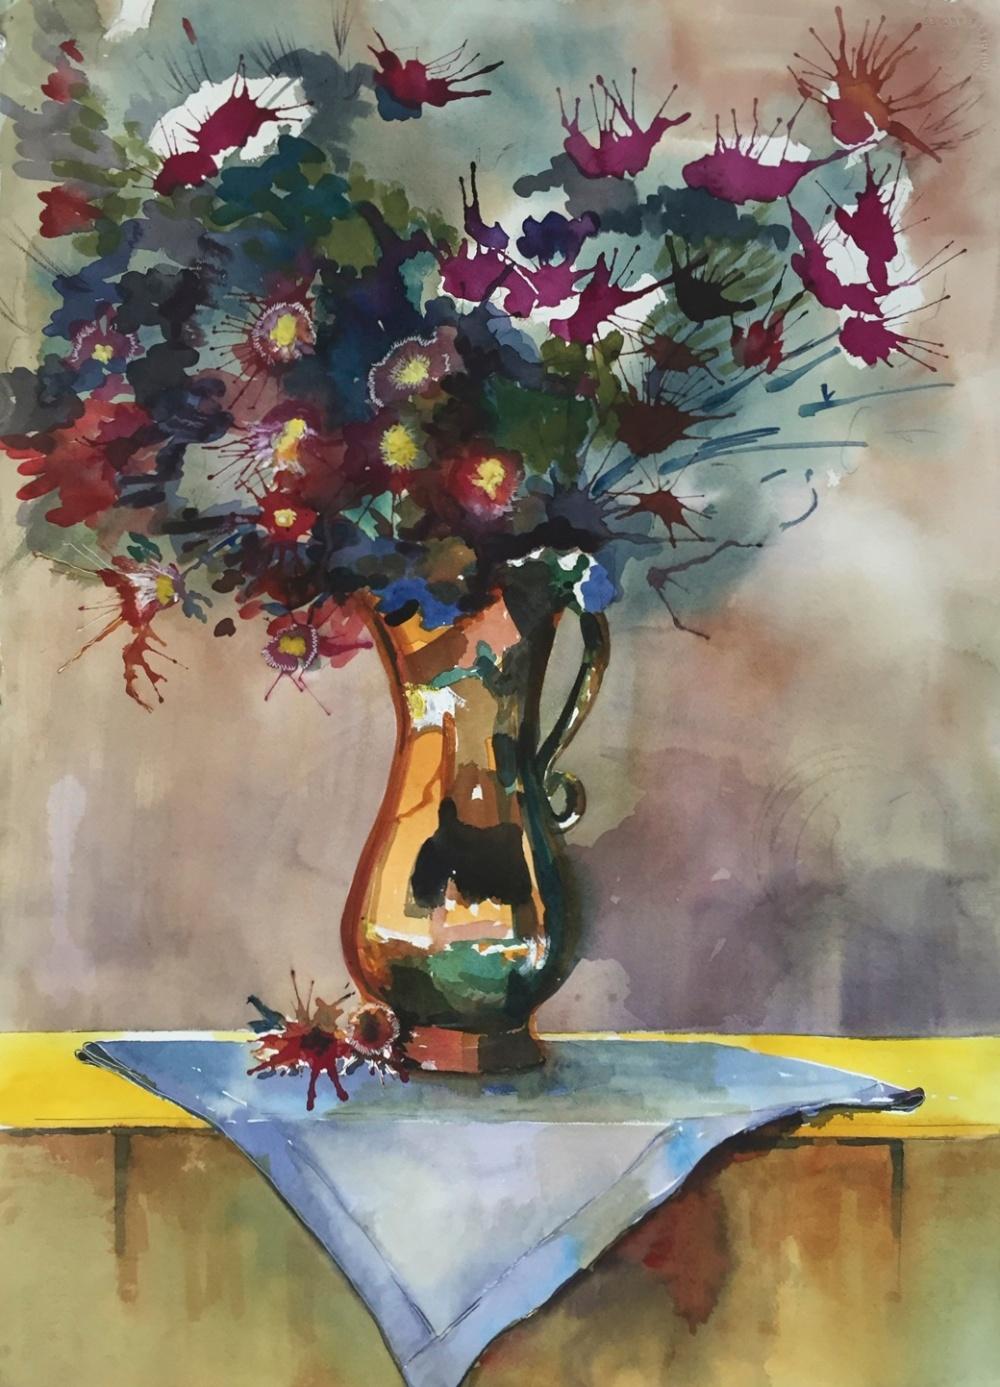 7-flowers-with-napkin-wc-22-x-30-800